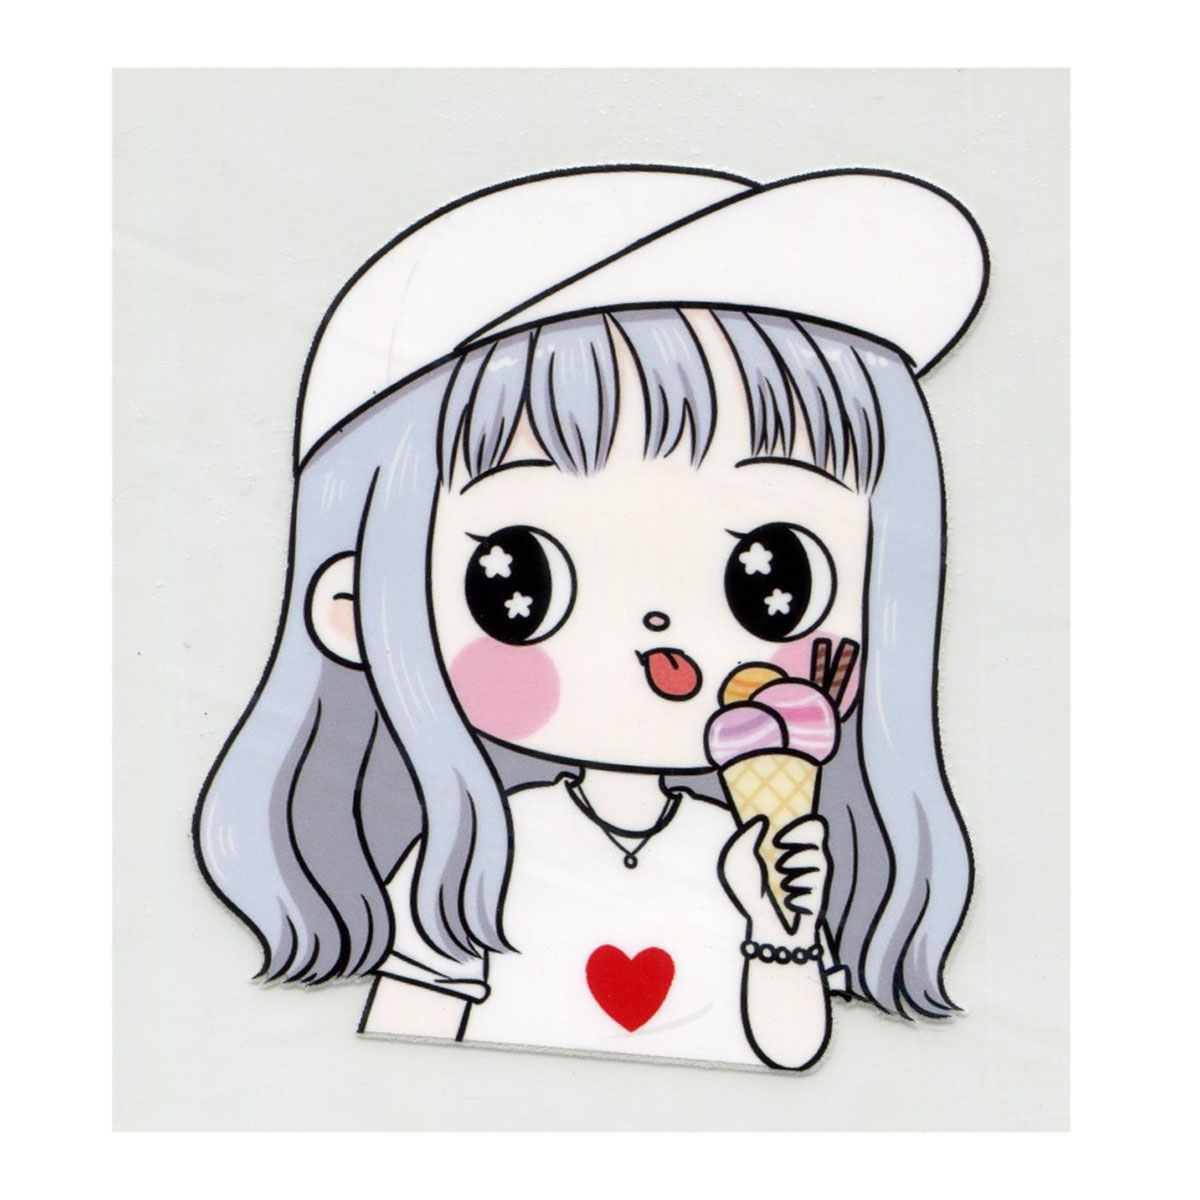 ALP-004 Термотрансфер 'Девочка с мороженым' 10*12CM